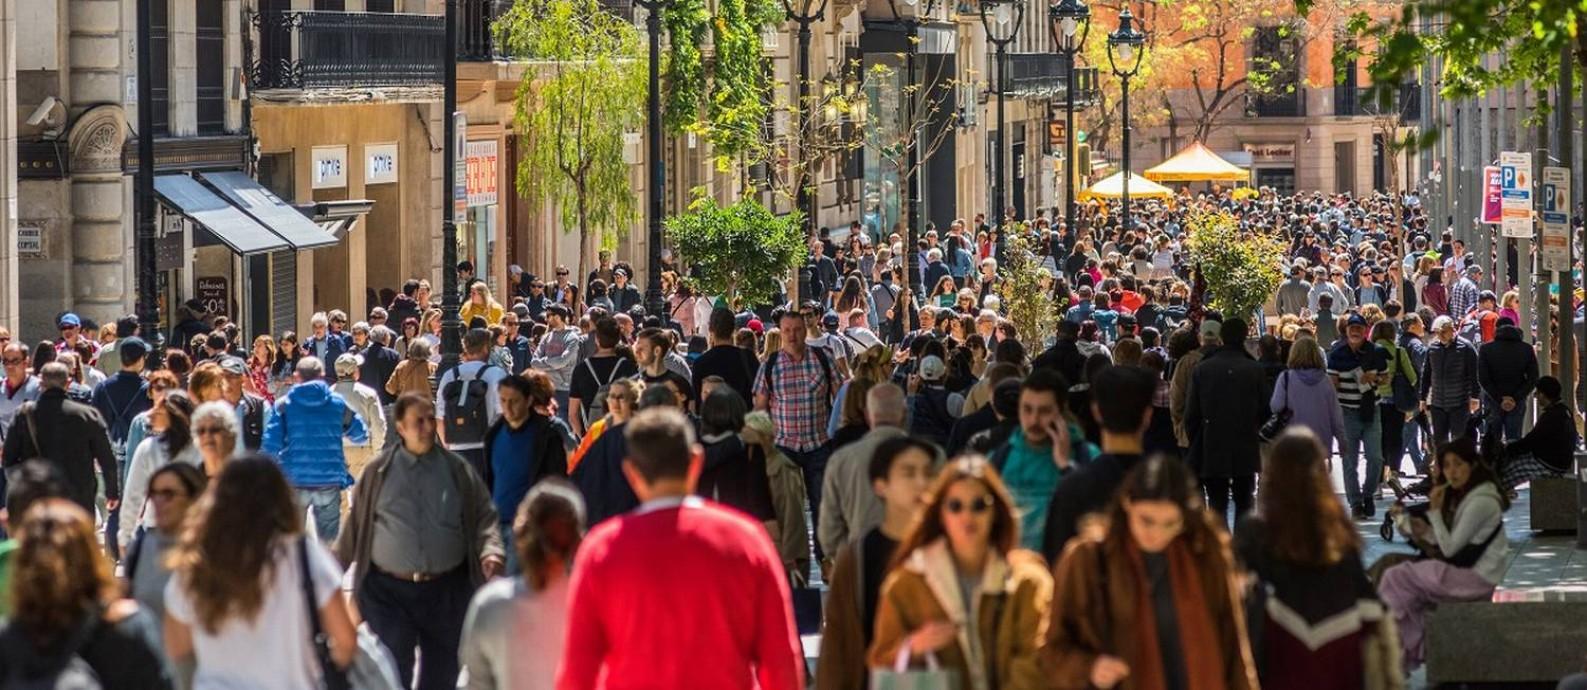 Rua cheia em Barcelona, na Espanha Foto: Emilio Parra Doiztua / The New York Times